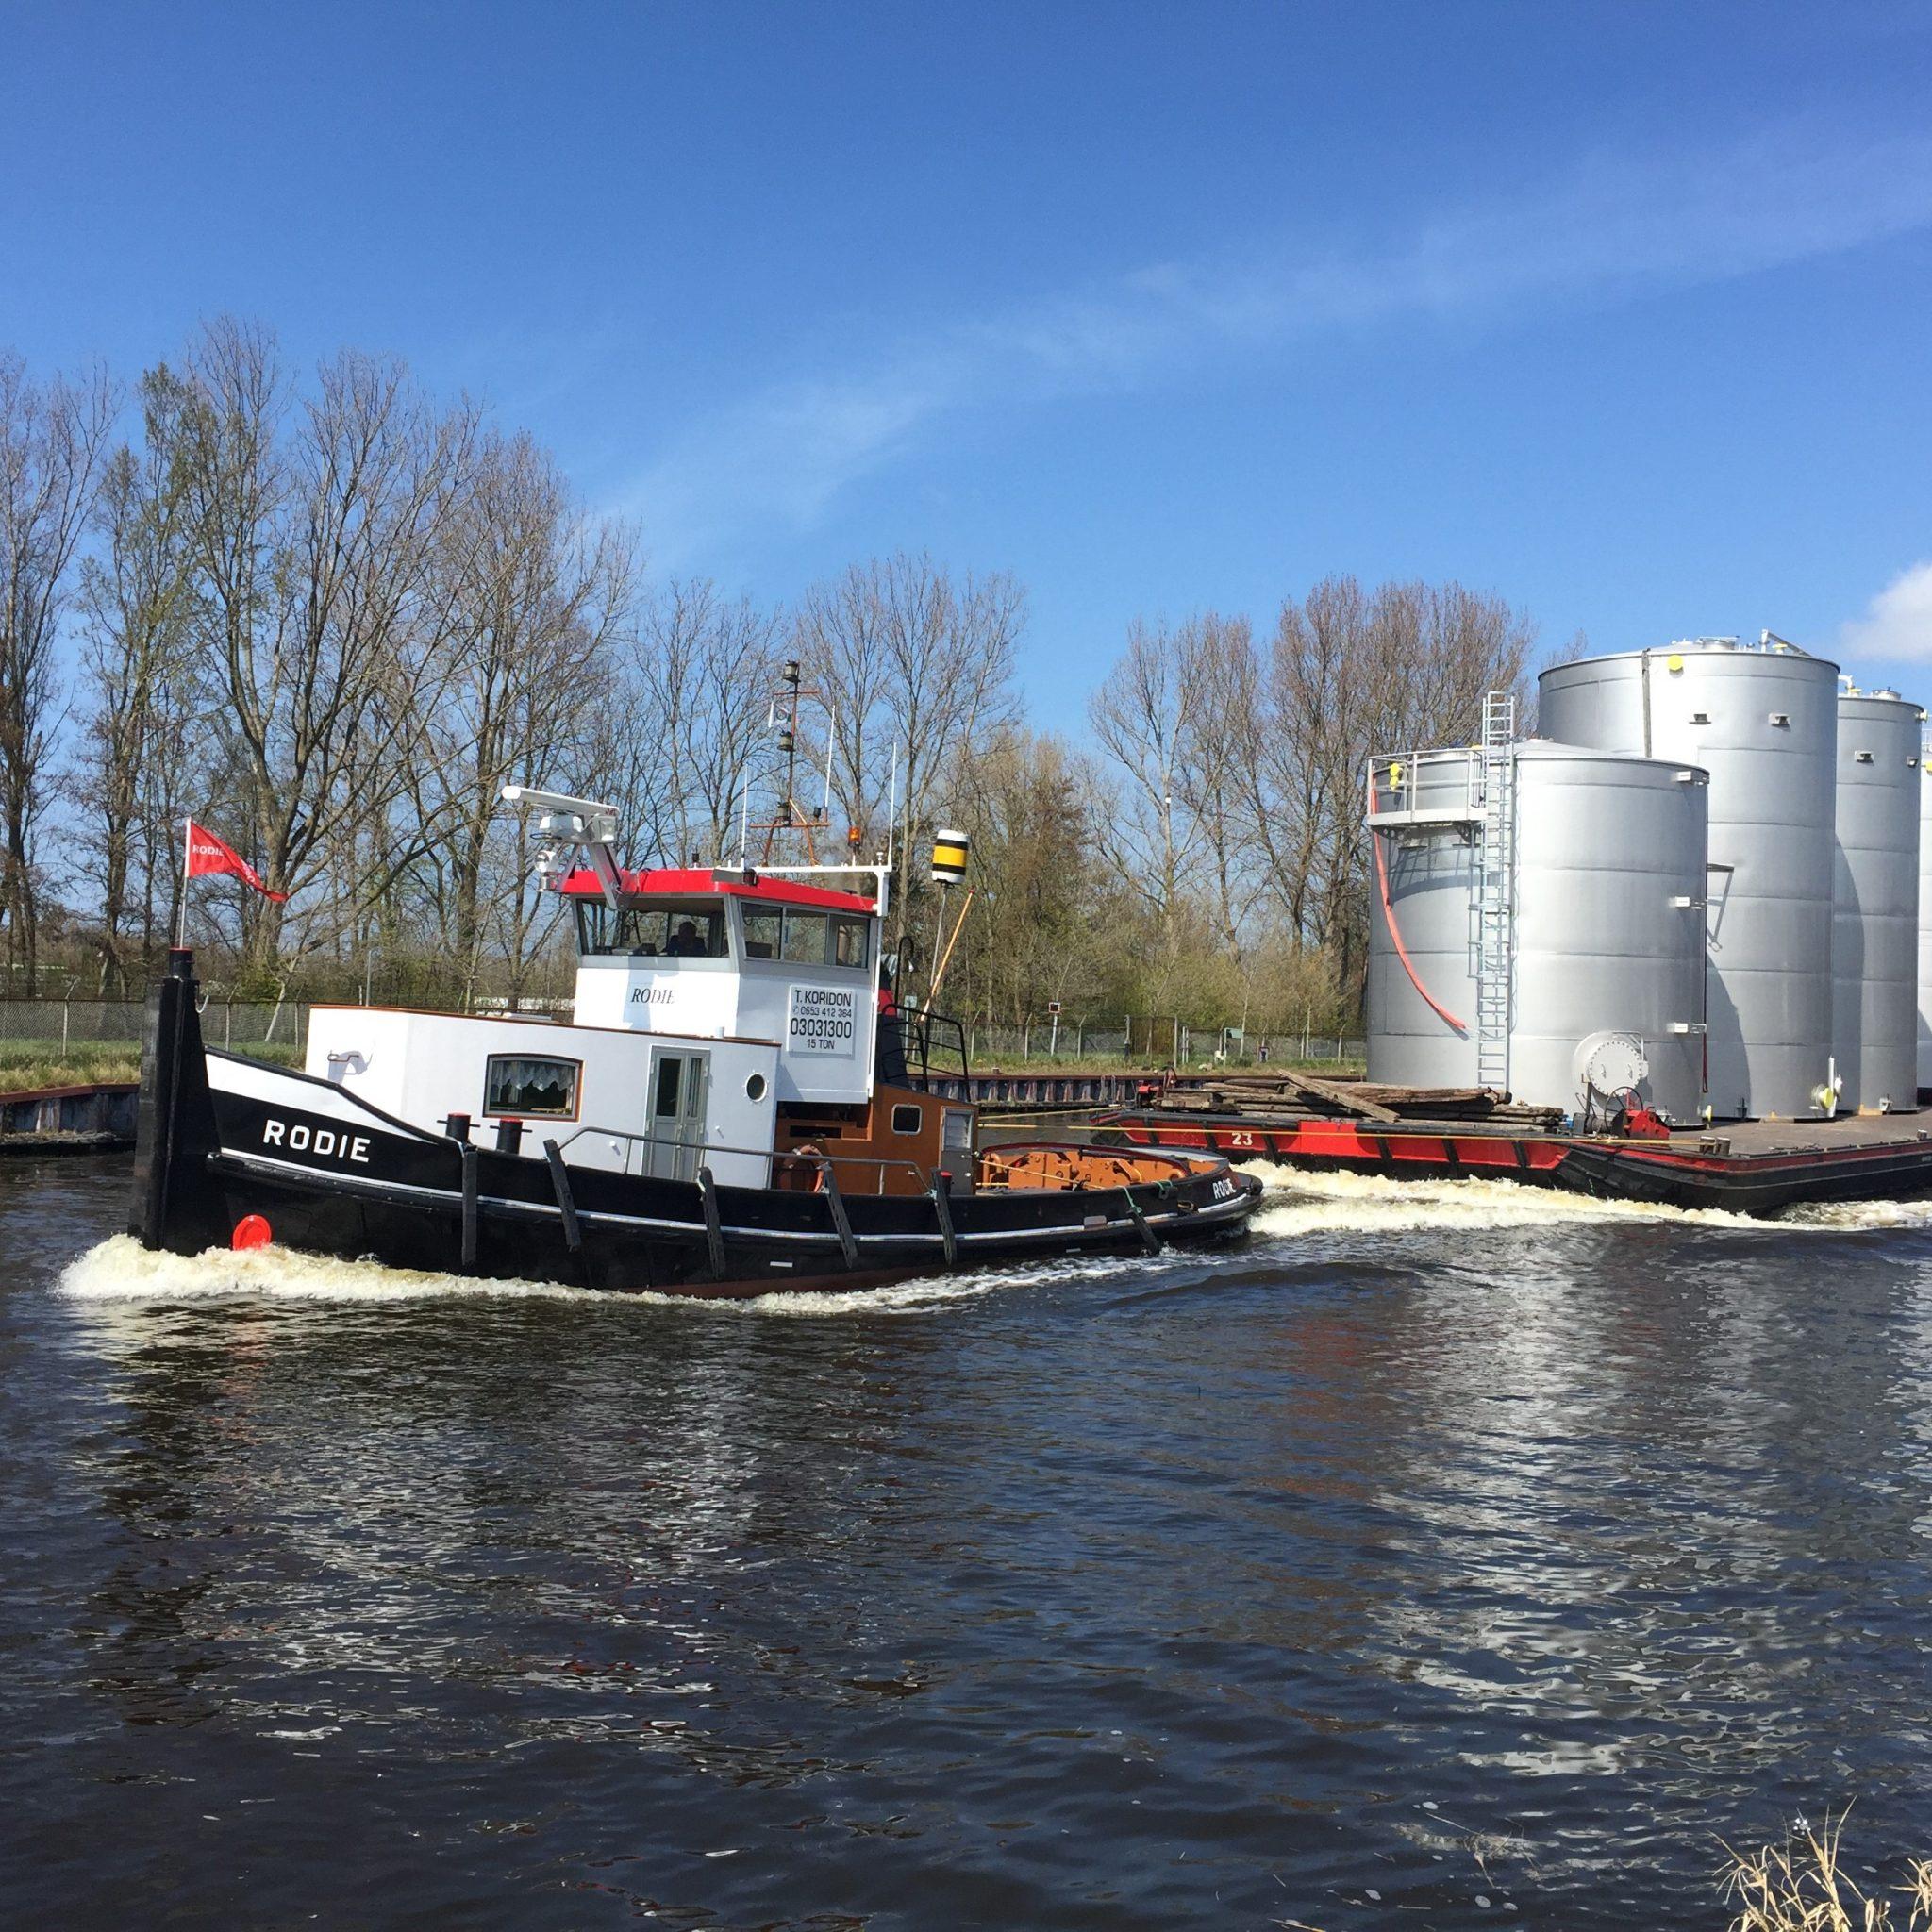 Het silotransport van Rodie heeft de vaart er flink in tussen Koedijk en de binnenstad van Alkmaar. (Foto Sandra Schotvanger)